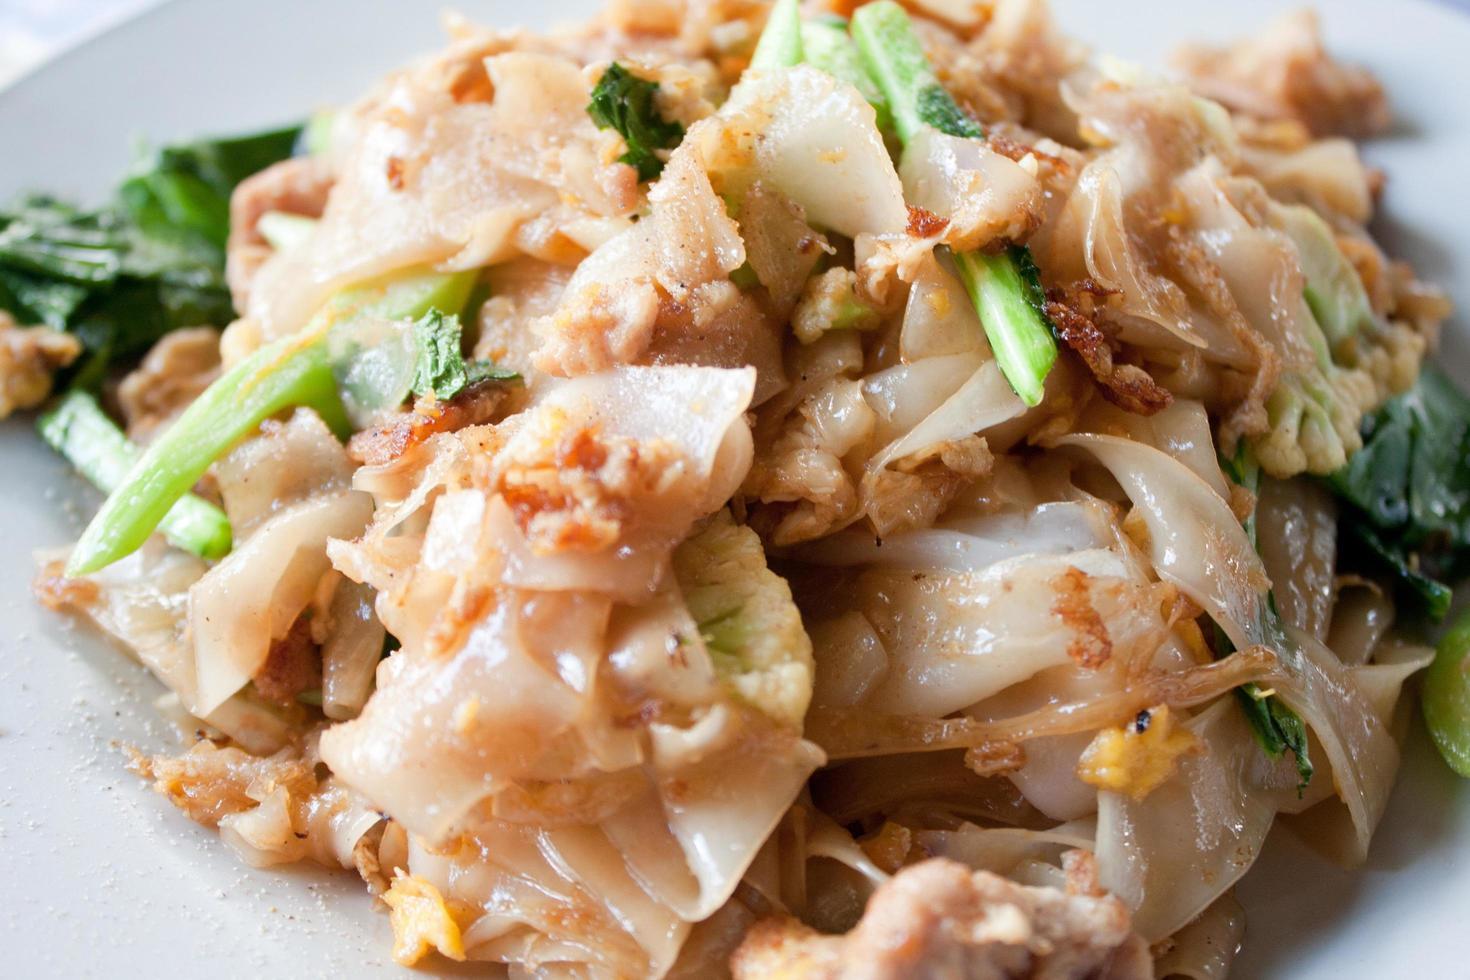 nouilles sautées à la thaï dans une sauce soja avec le porc photo